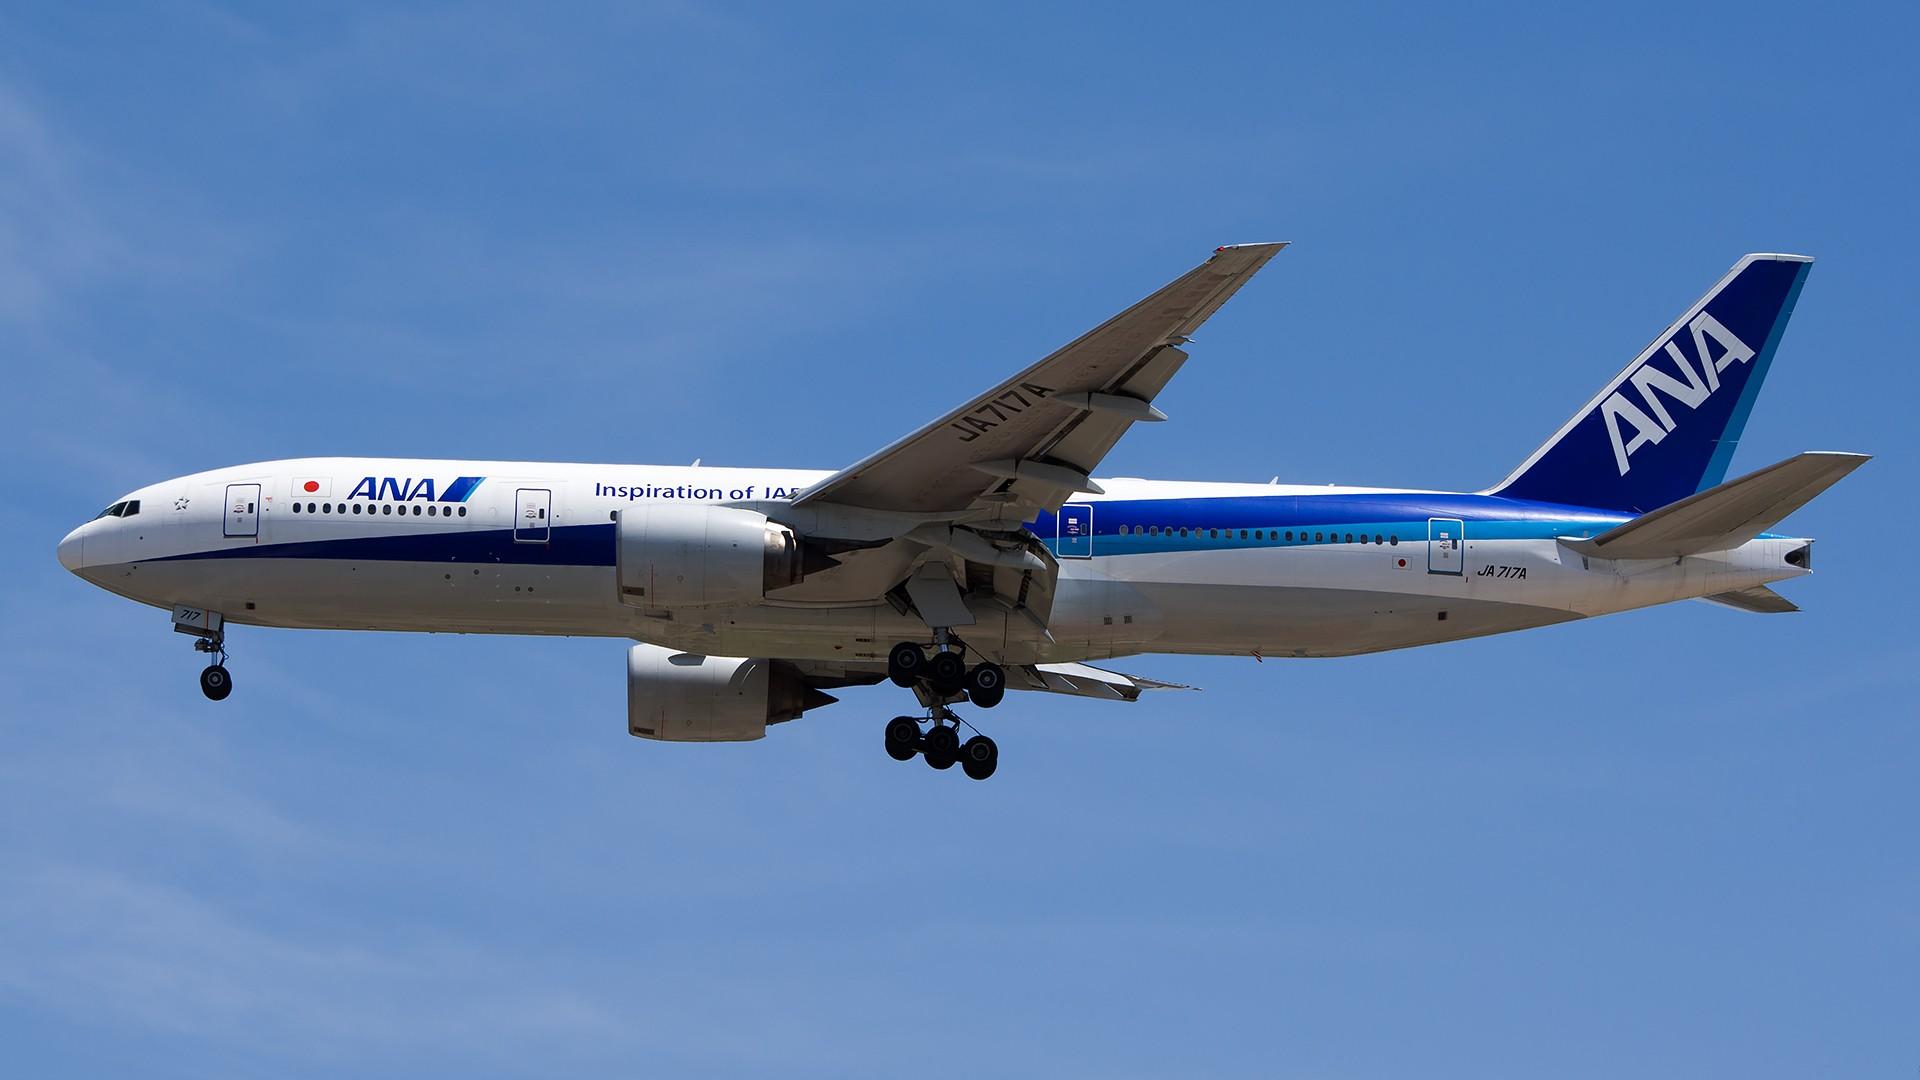 [原创]PEK01午后两小时抓拍,其实是为AA的One World来的 BOEING 777-200 JA717A 中国北京首都国际机场